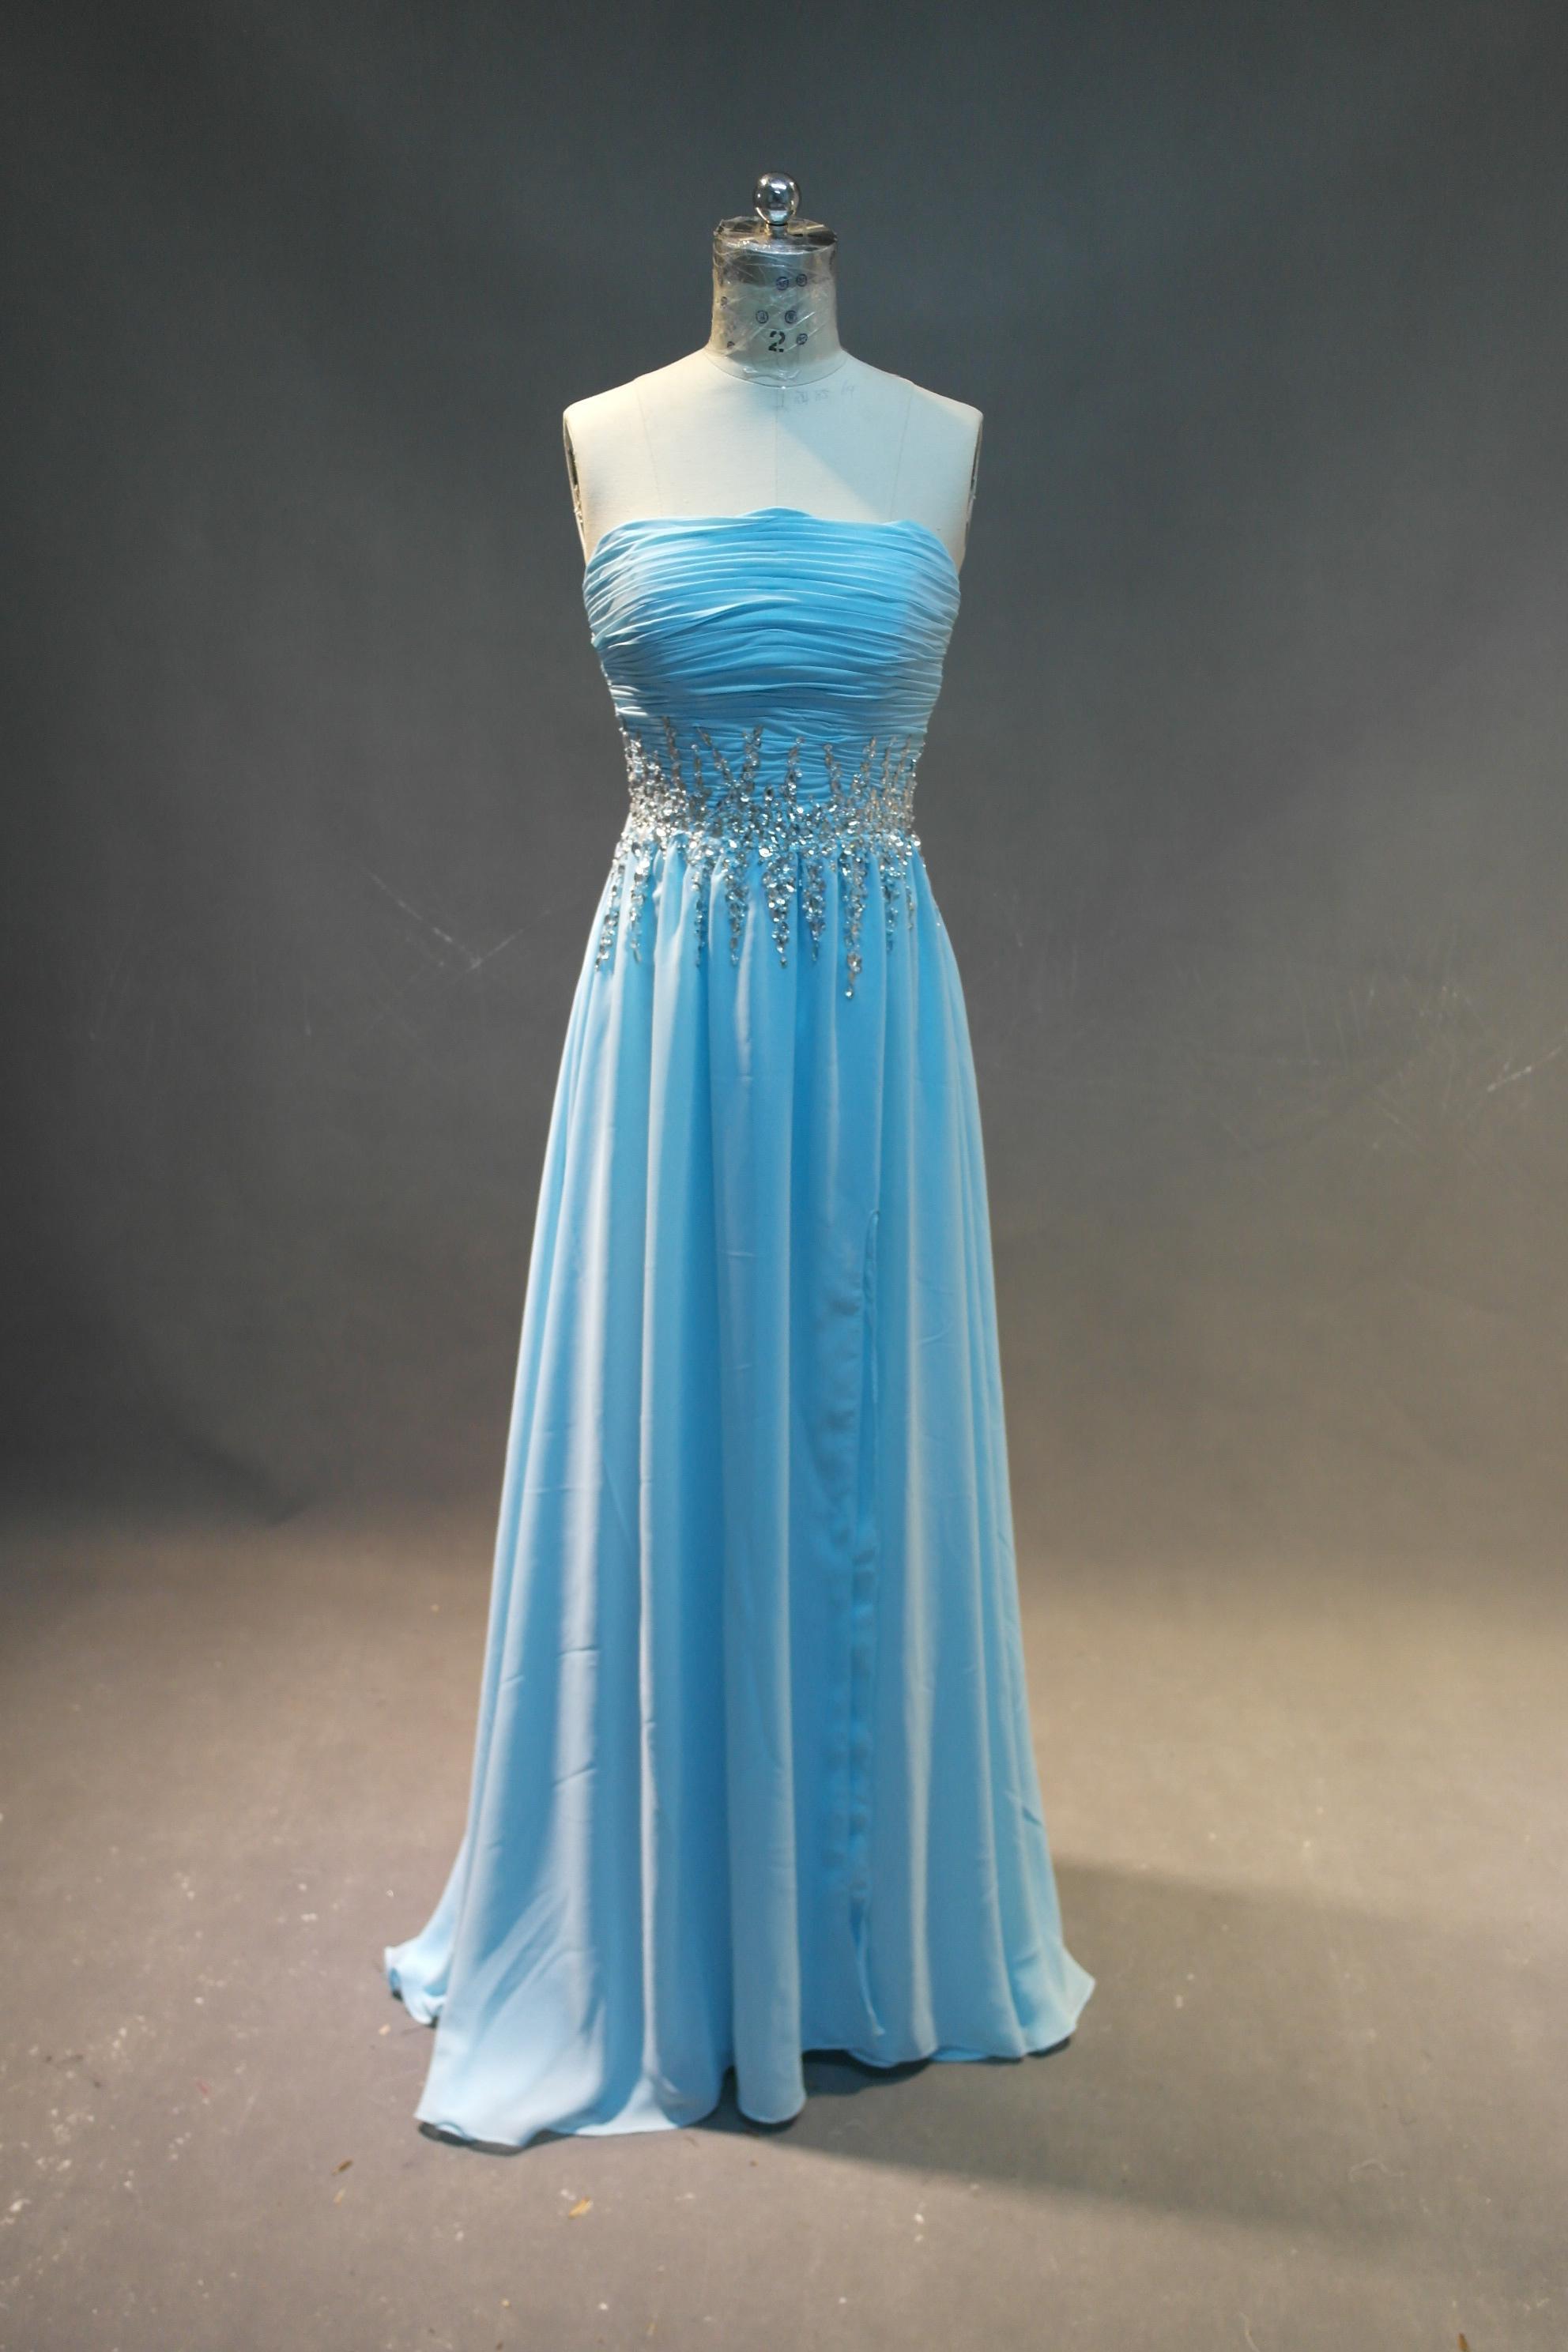 크리스탈 2016 새로운 분할 프롬 가운 가운 길이 파티 드레스와 Strapless 긴 쉬폰 댄스 파티 드레스